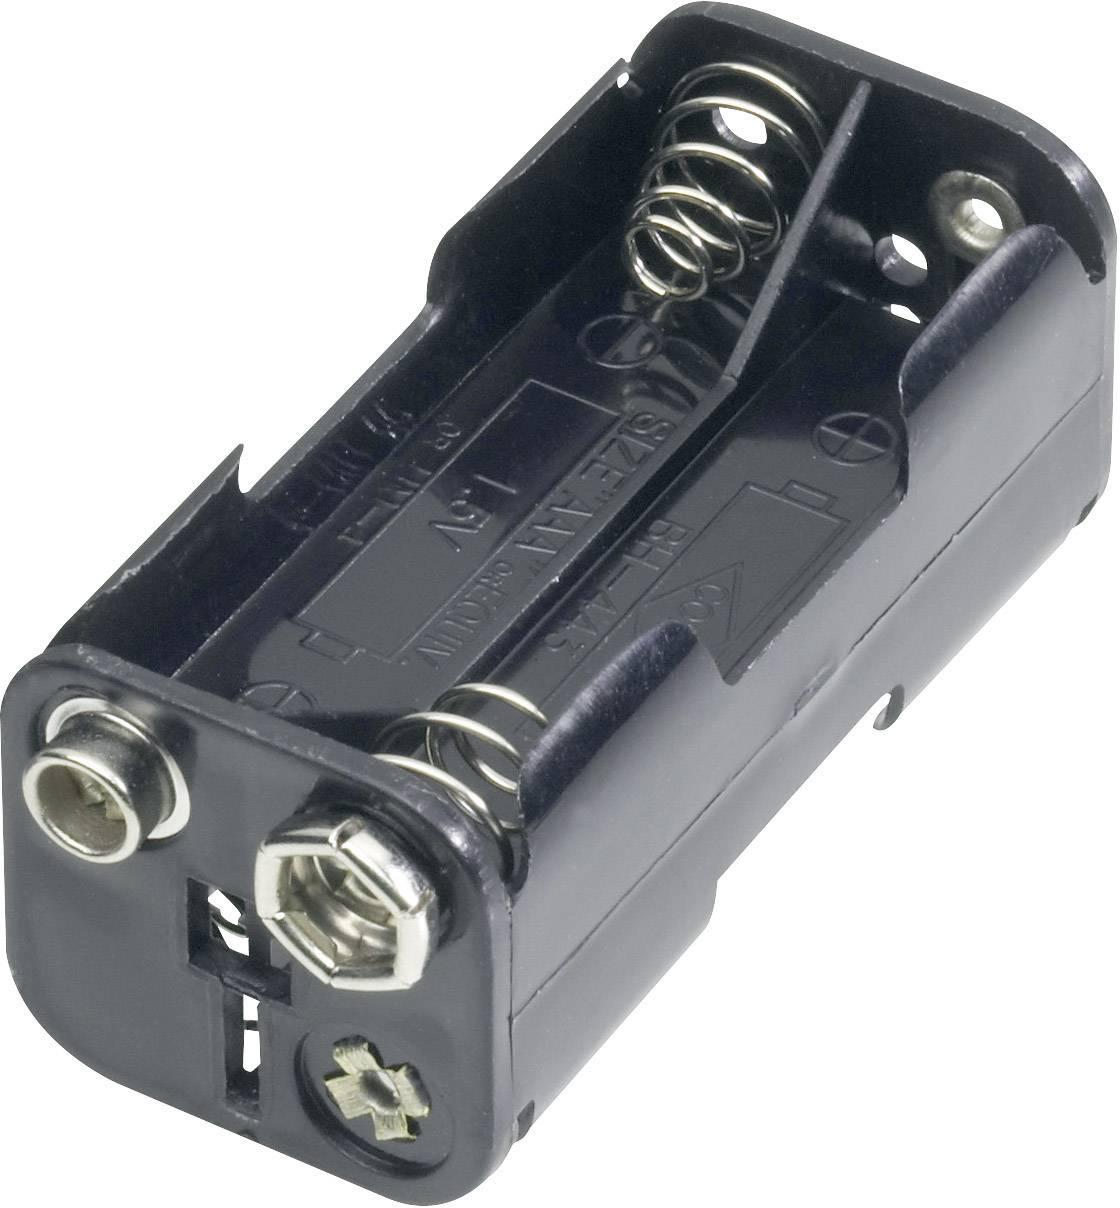 Batériový držák na 4x micro (AAA) Goobay 11990, (d x š x v) 54.5 x 26 x 24.5 mm